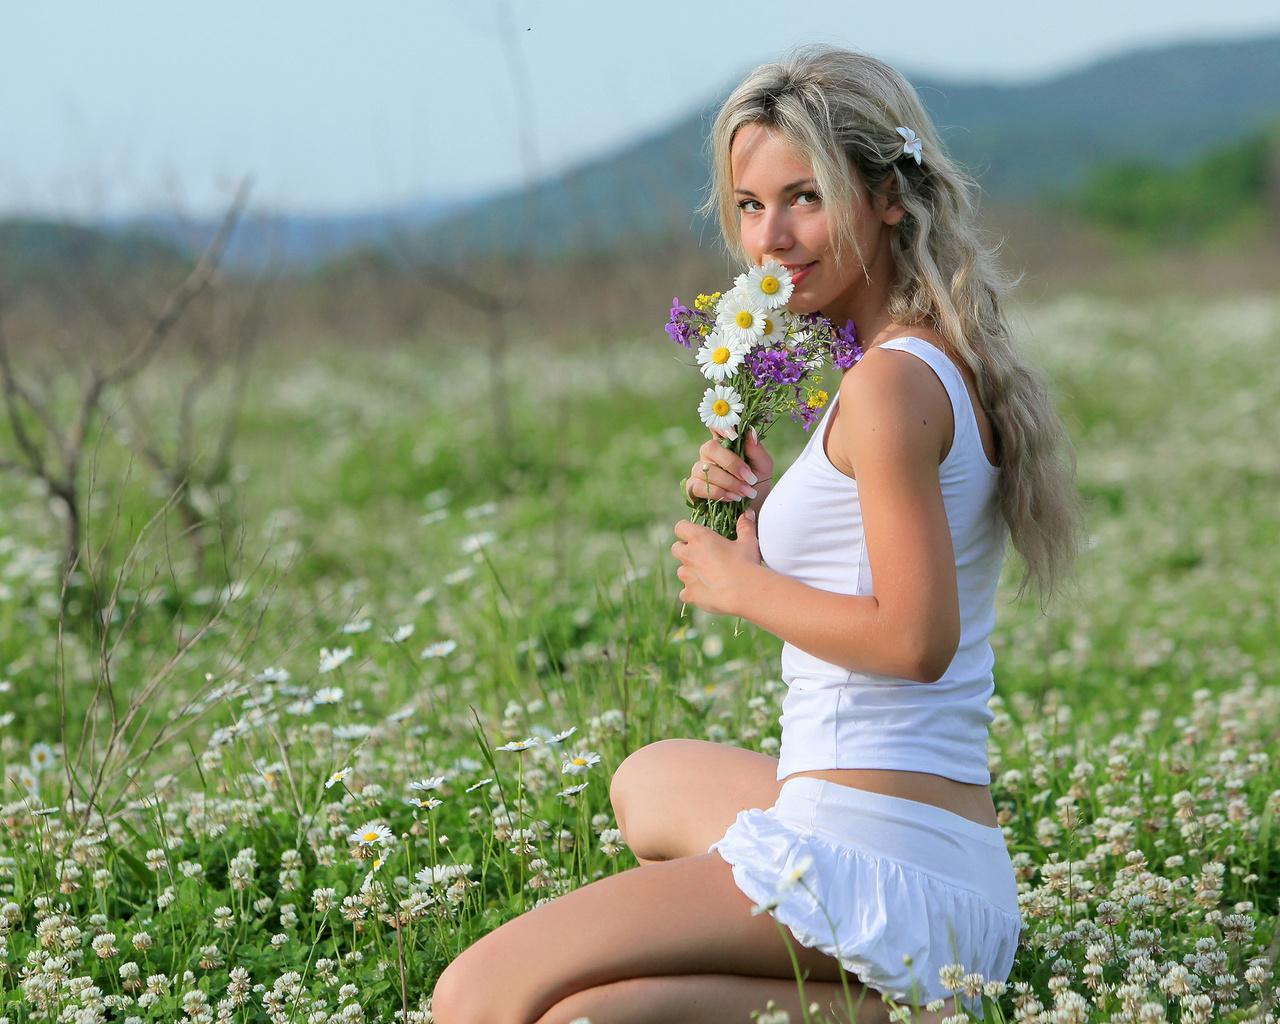 что с русской бабой на природе принимает роль